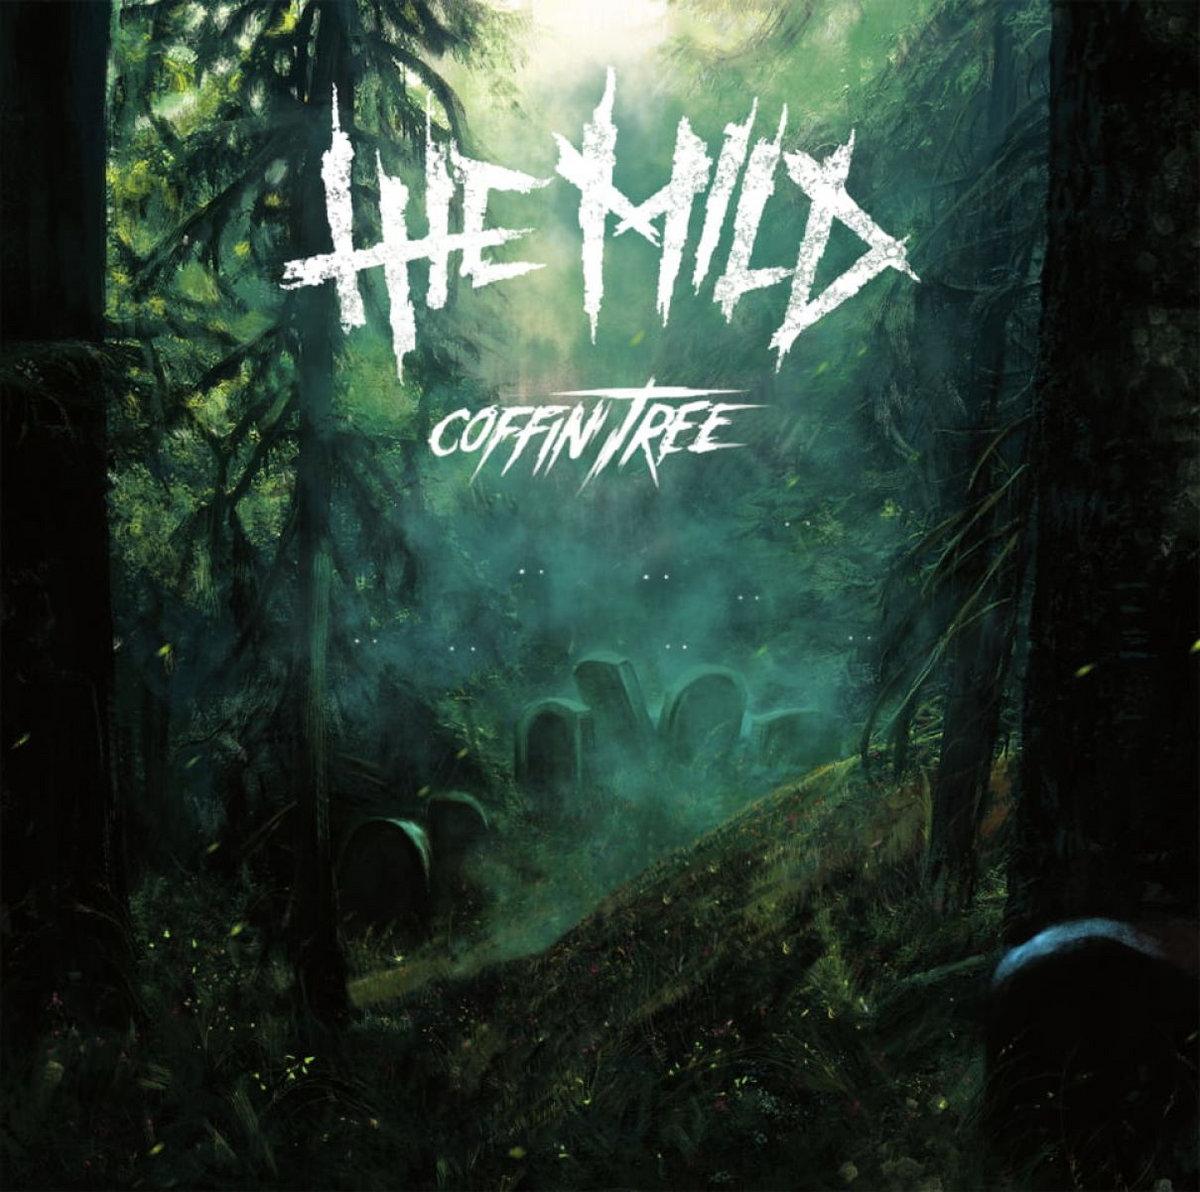 coffin tree | the mild